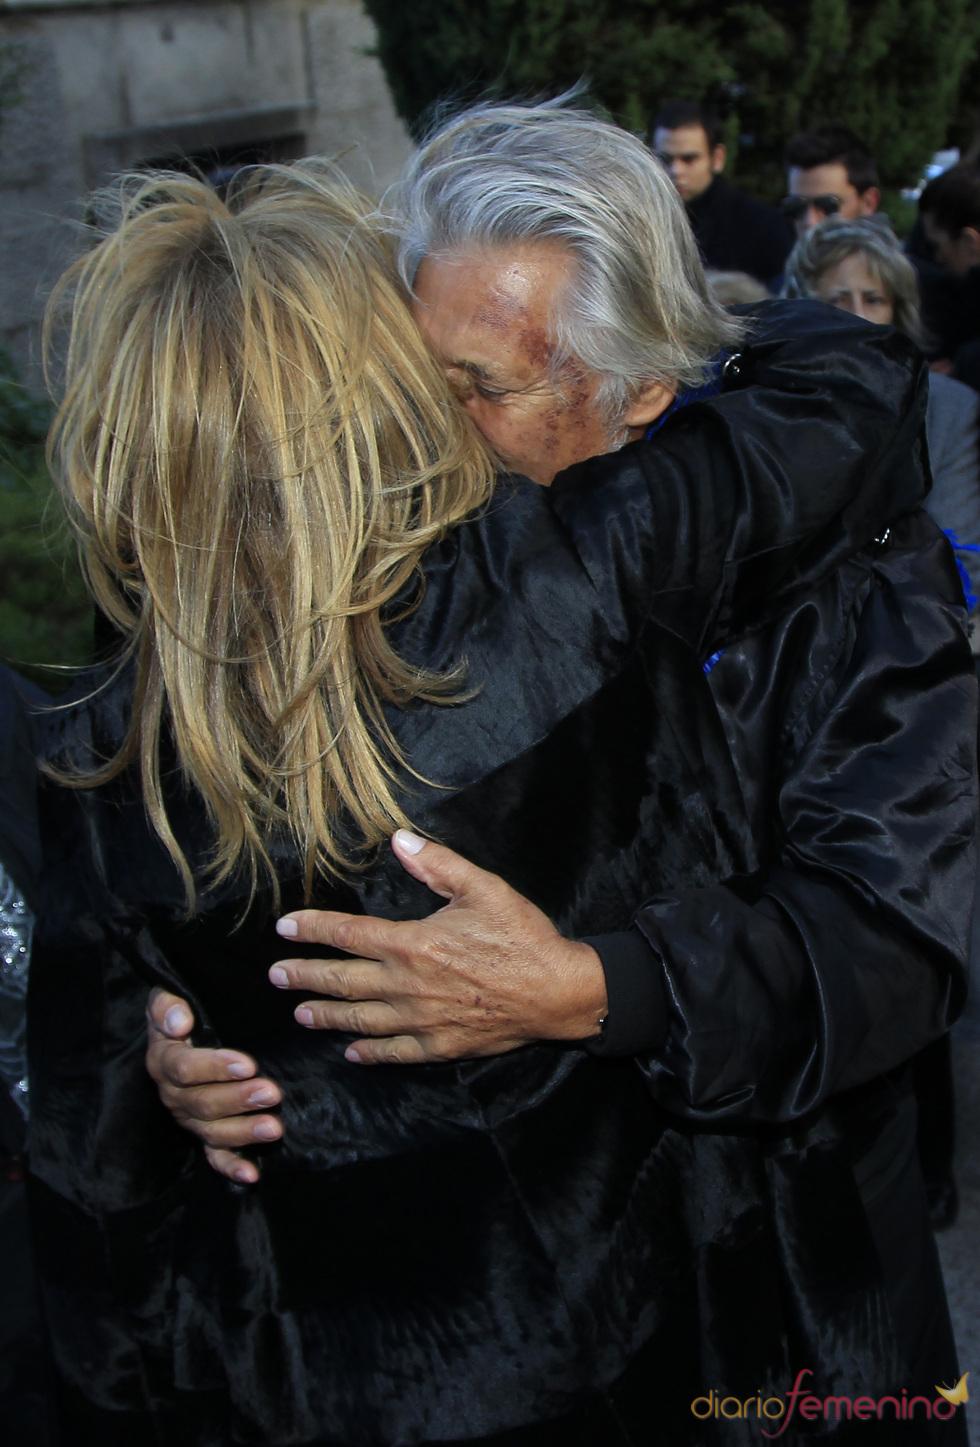 Abrazo de Norma Duval y Marc Ostarcevic en el entierro de Carla Duval